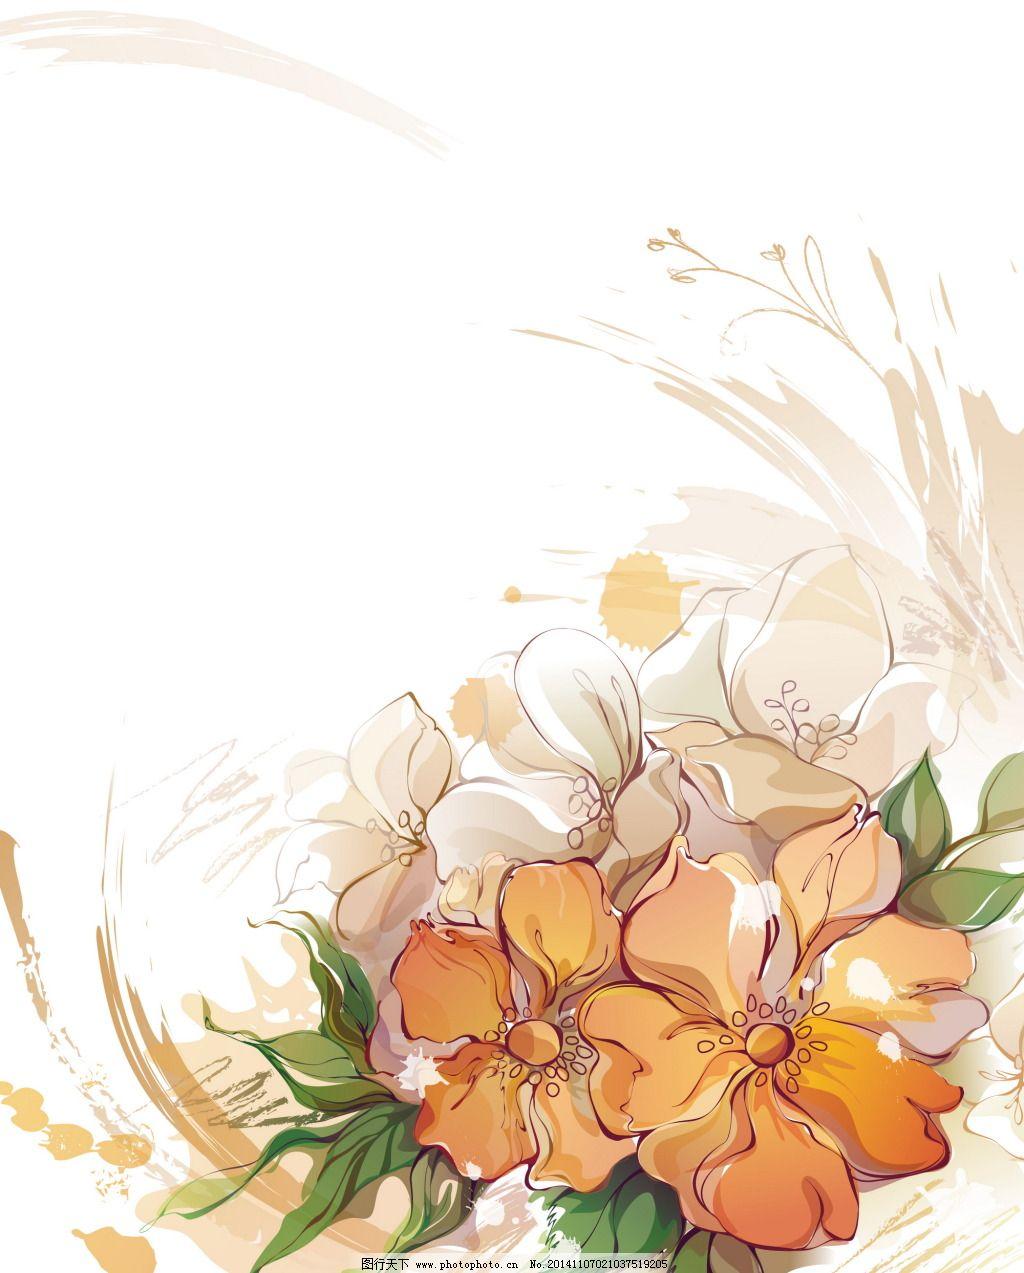 手绘背景免费下载 背景设计 花朵 素材 素材 花朵 背景设计 图片素材